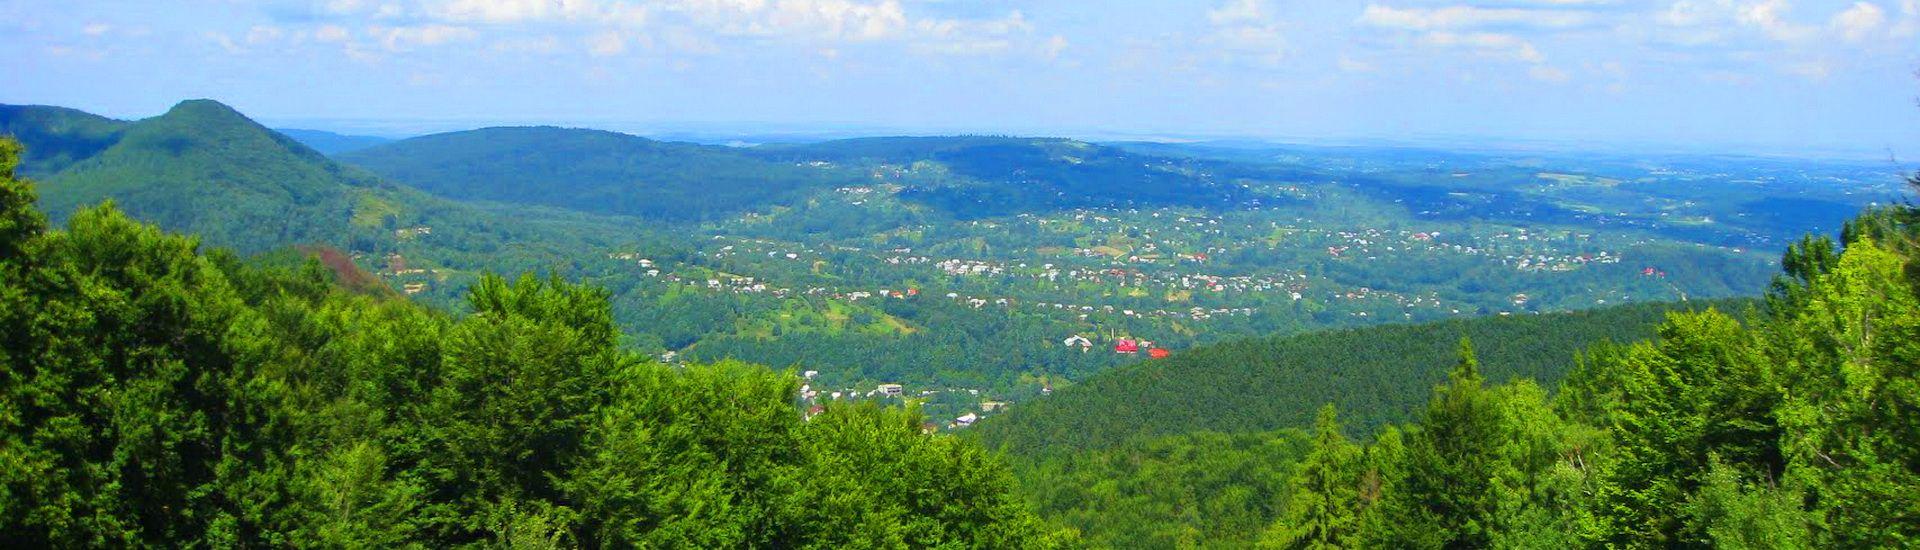 г. Косов, панорама